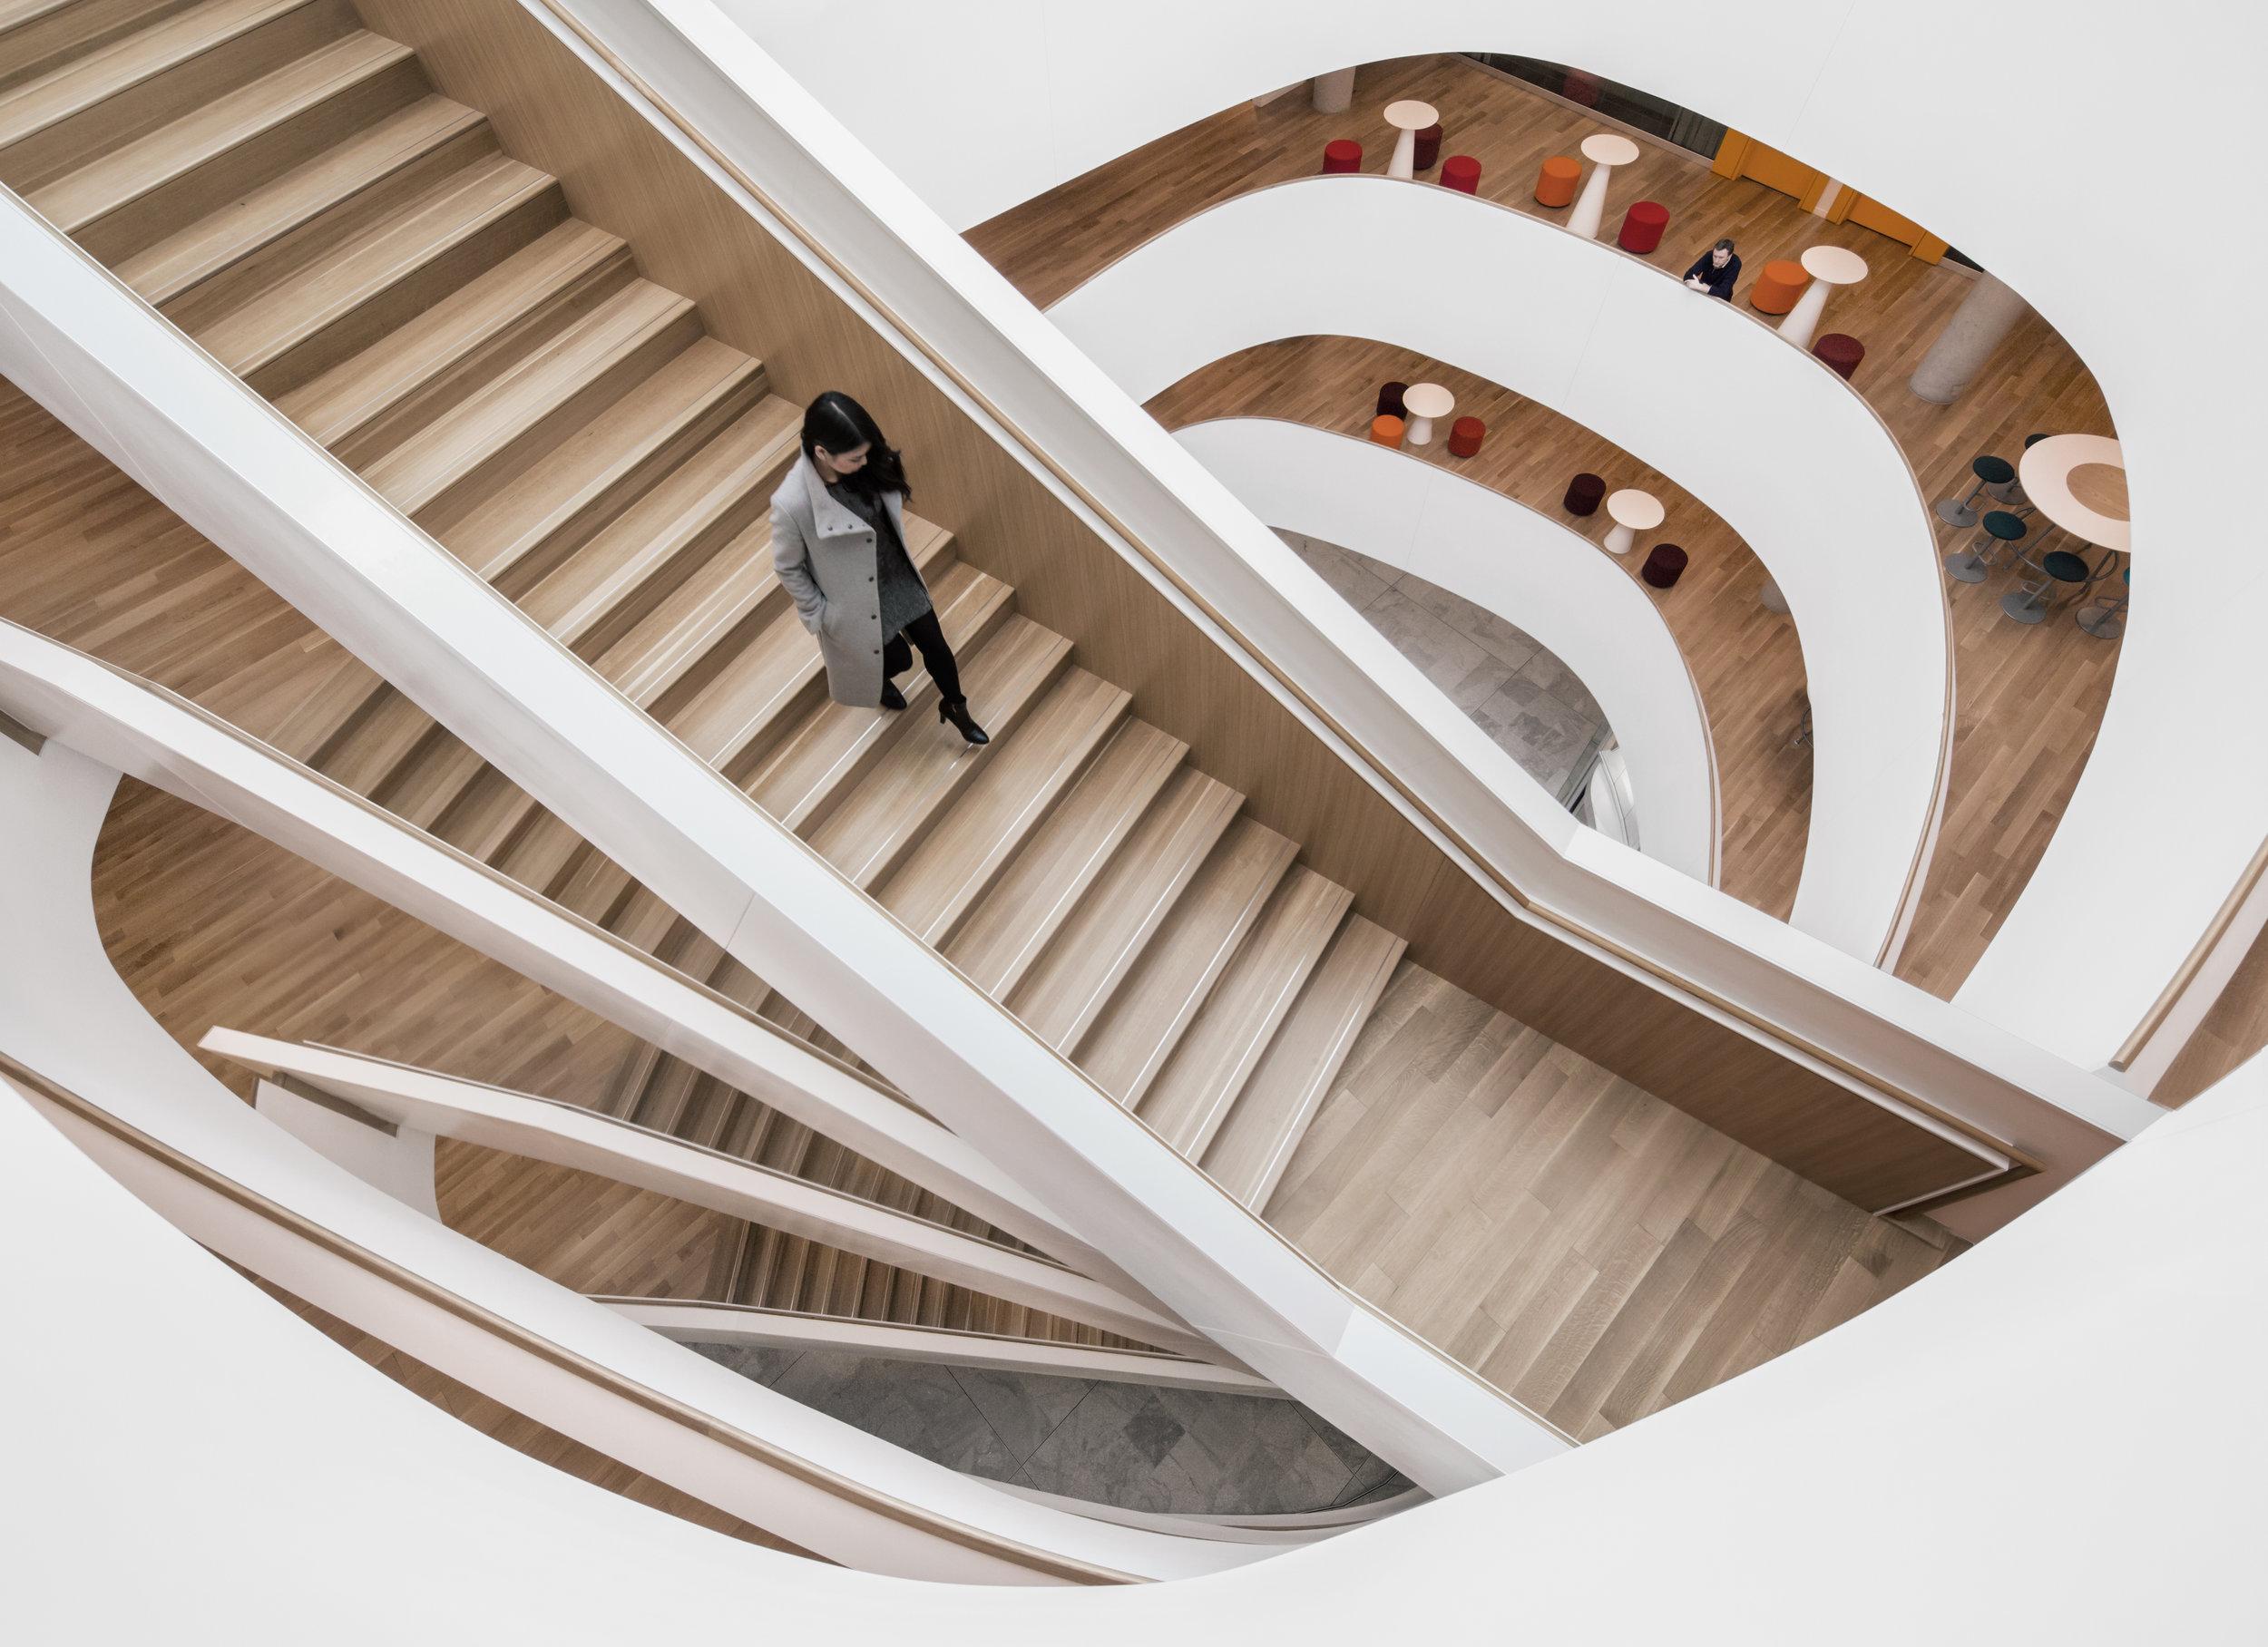 Ericsson Canada – Complexe corporatif et Centre R&D   Projet de 24 650 m² comprenant deux édifices de bureaux, l'un de cinq étages et l'autre de trois. Ces deux bâtiments principaux sont liés par un rez-de-chaussée d'un étage qui abrite des espaces communs tels que des salles de réunion, une cantine, un café, une garderie et d'autres commodités. Une structure de stationnement étagé de quatre niveaux complète l'ensemble.  Certifié LEED NC Or  Best of Canada Design Awards – Institutional [2017], Canadian Interiors  Prix INOVA – Commercial + 50 000 pi2 [2016], Institut de développement urbain du Québec